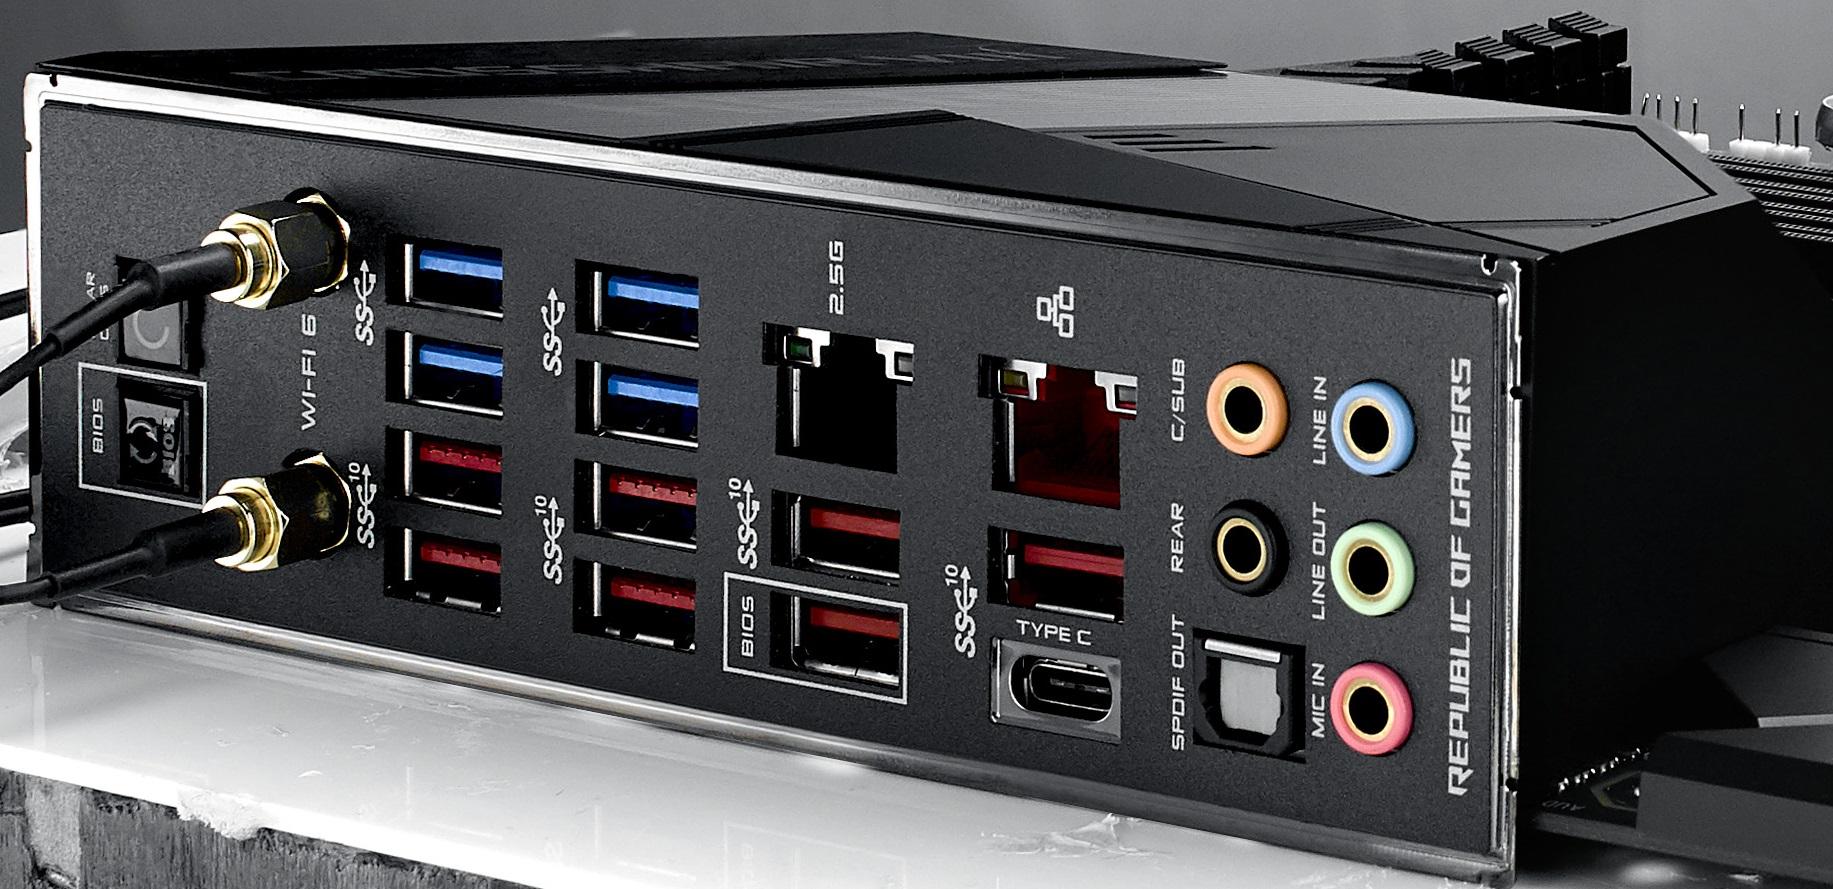 ASUS ROG Crosshair VIII Hero WIFI - The AMD X570 Motherboard